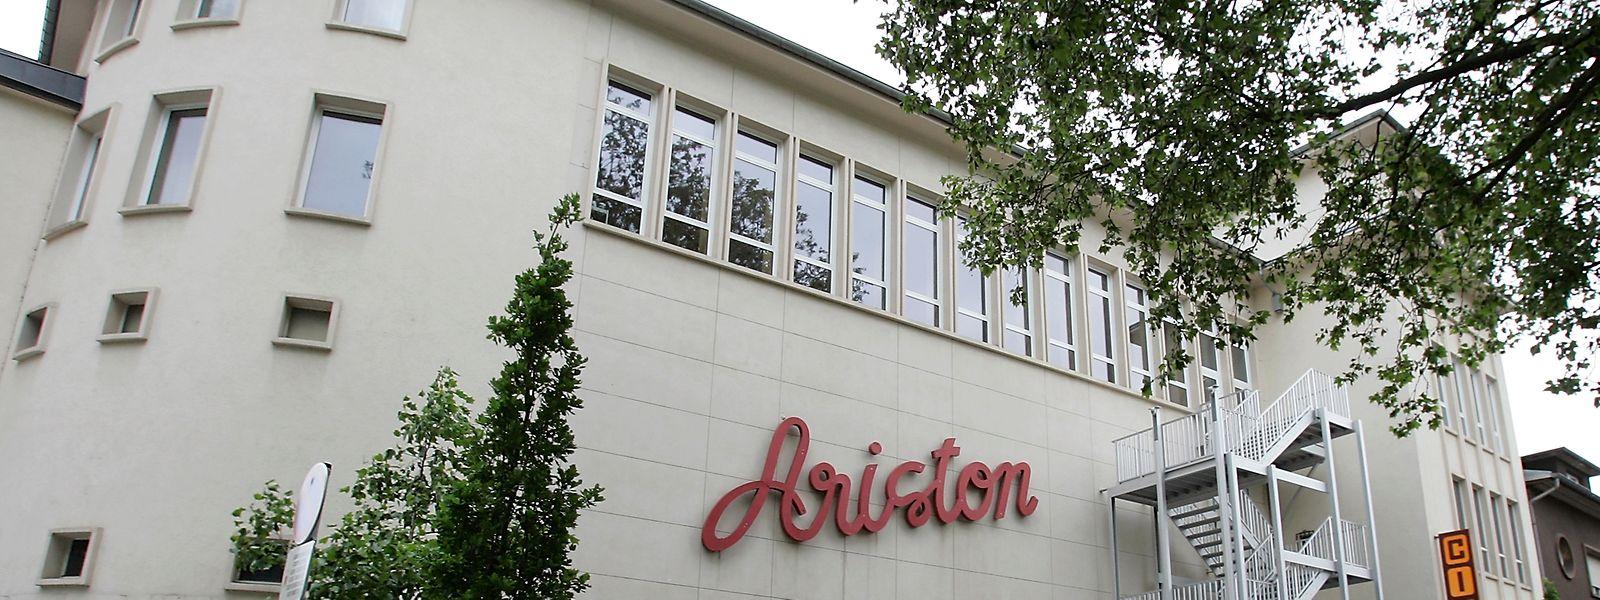 Das Cine Ariston in Esch/Alzette musste diesen Monat seinen Betrieb einstellen, nachdem der Betreiber Caramba in finanzielle Schwierigkeiten geriet.